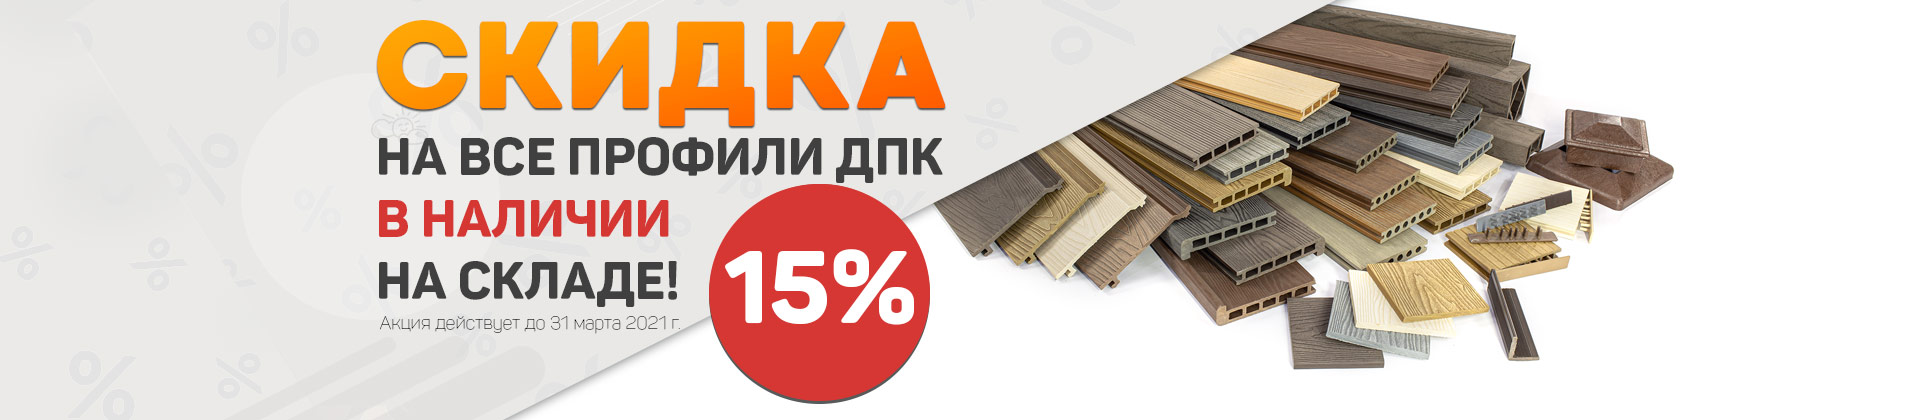 15-skidka-na-dosku-1900-400